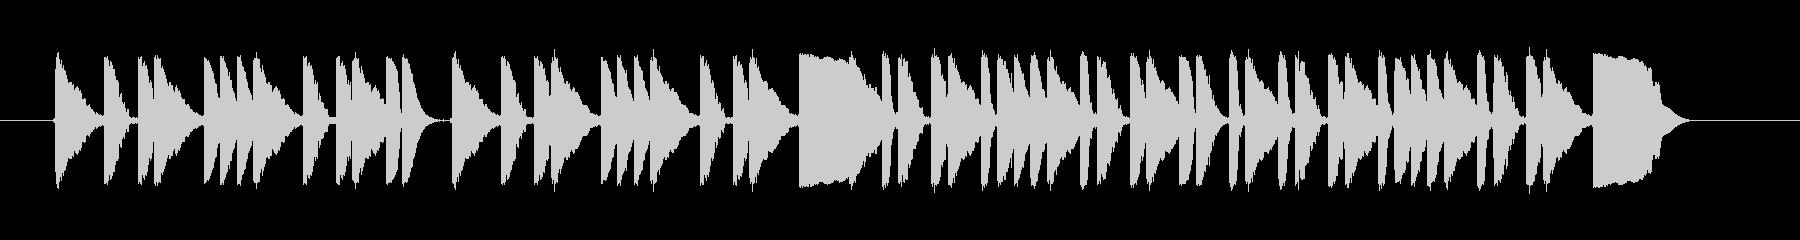 ドラムがコミカルなジングルの未再生の波形